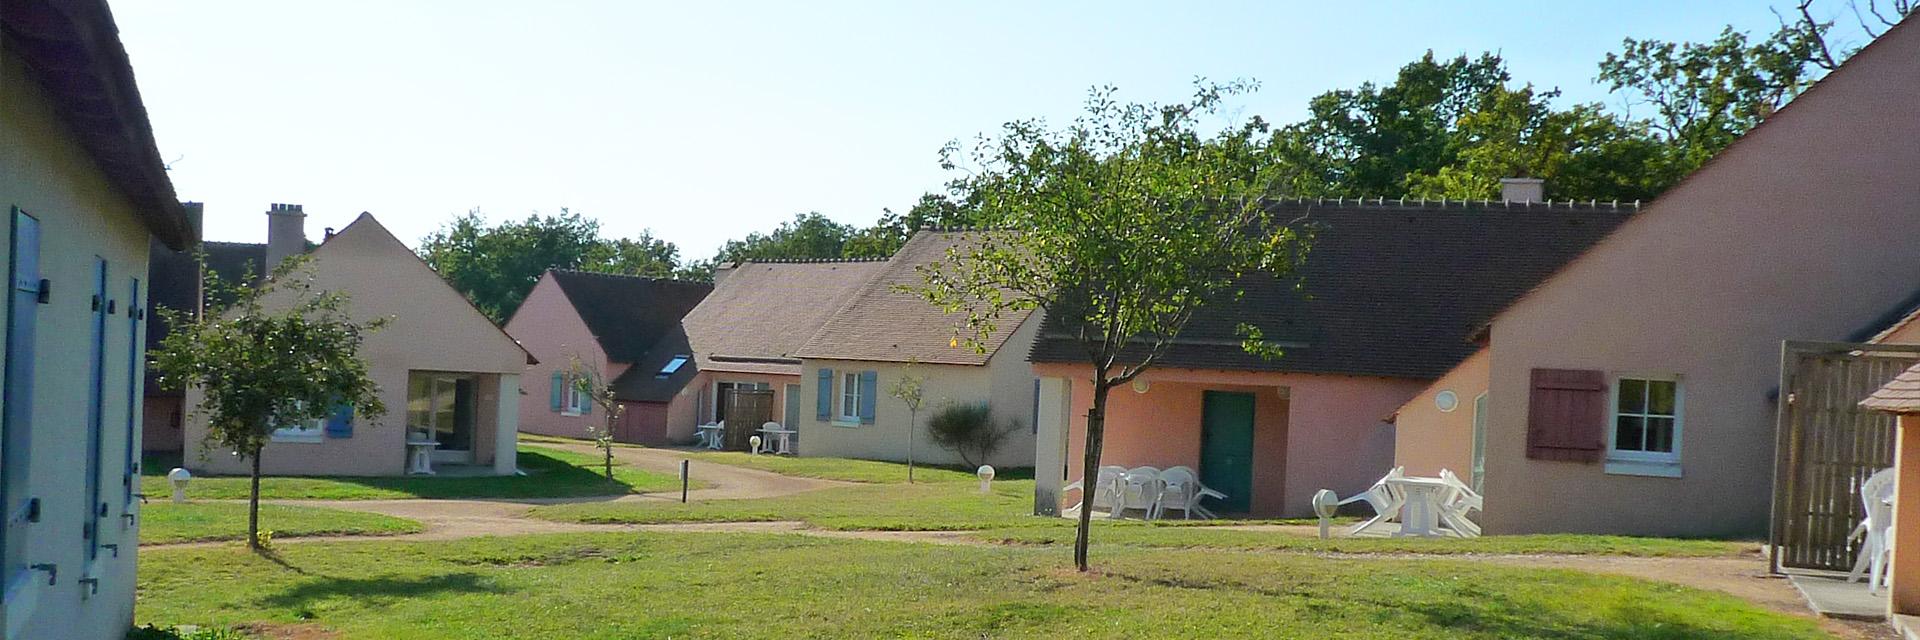 Village_club_vacances_centre-loire-et-bourgogne-domainde-de-bellebouche-exterier